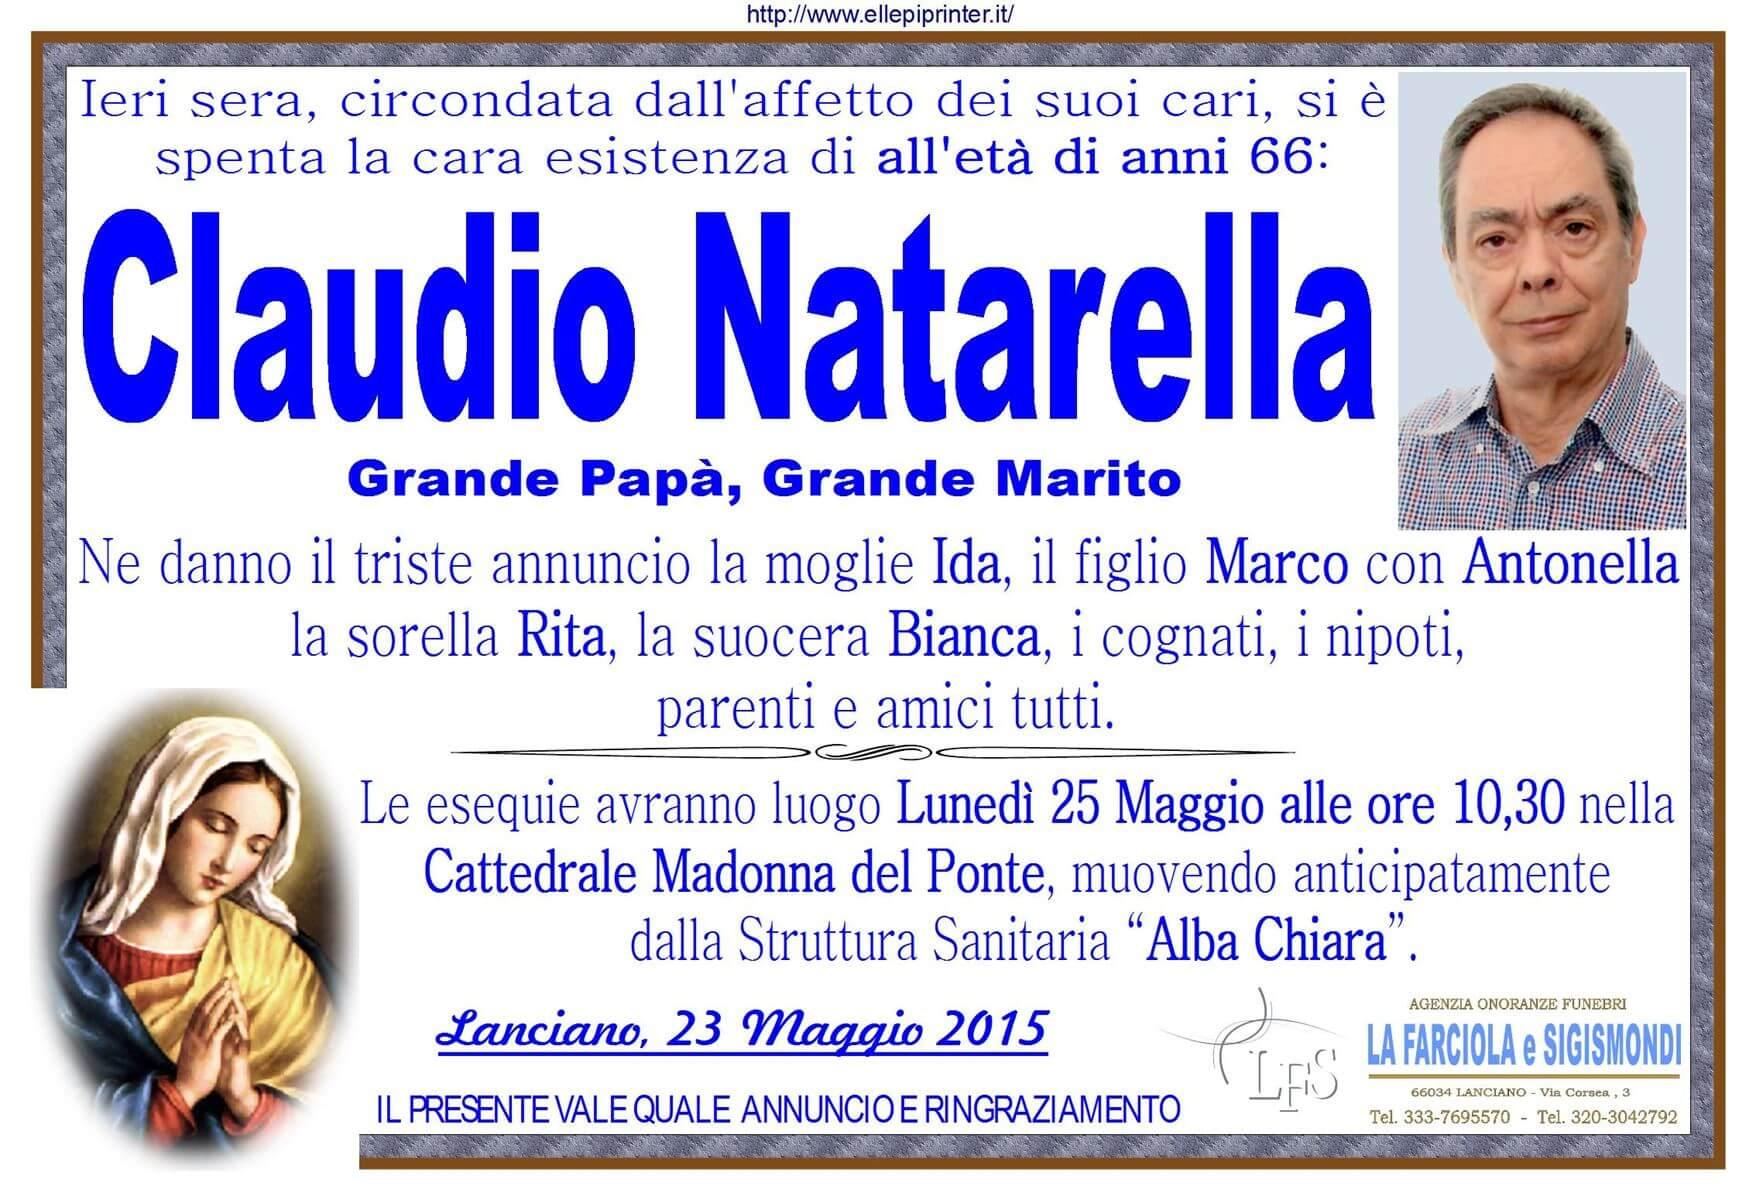 MANIFESTO NATARELLA CLAUDIO